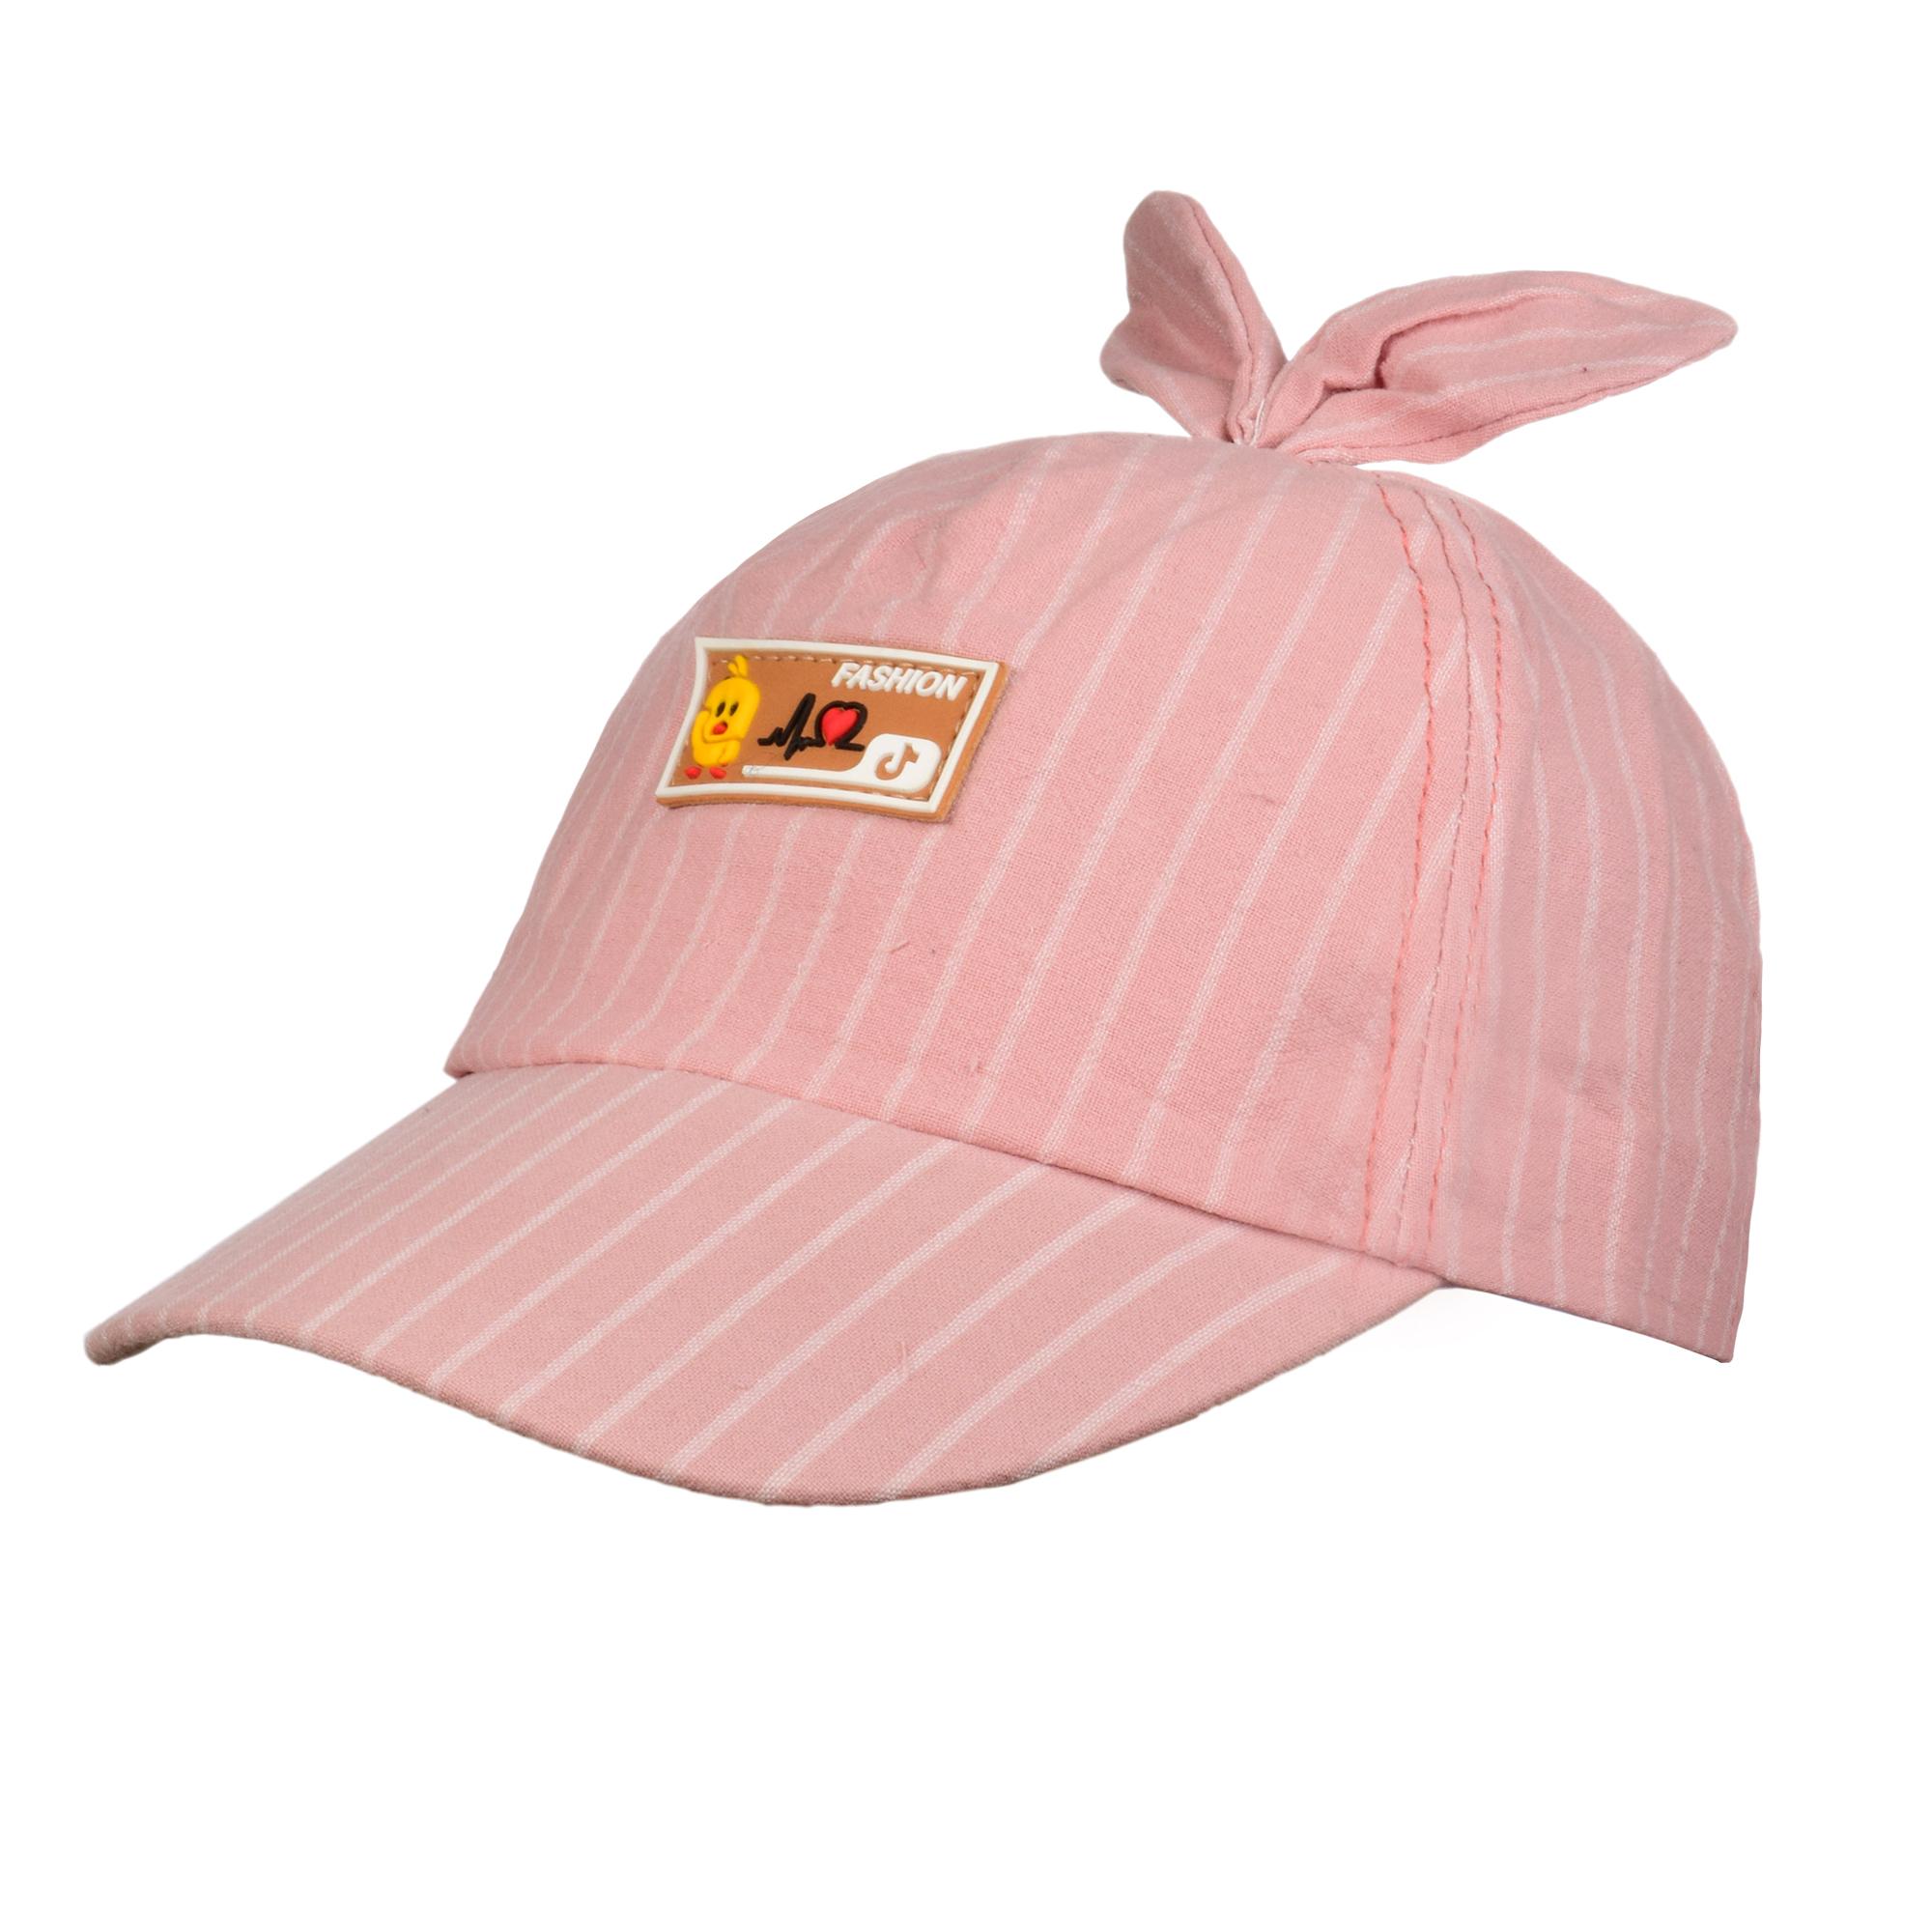 کلاه کپ بچگانه طرح جوجه کد N31082